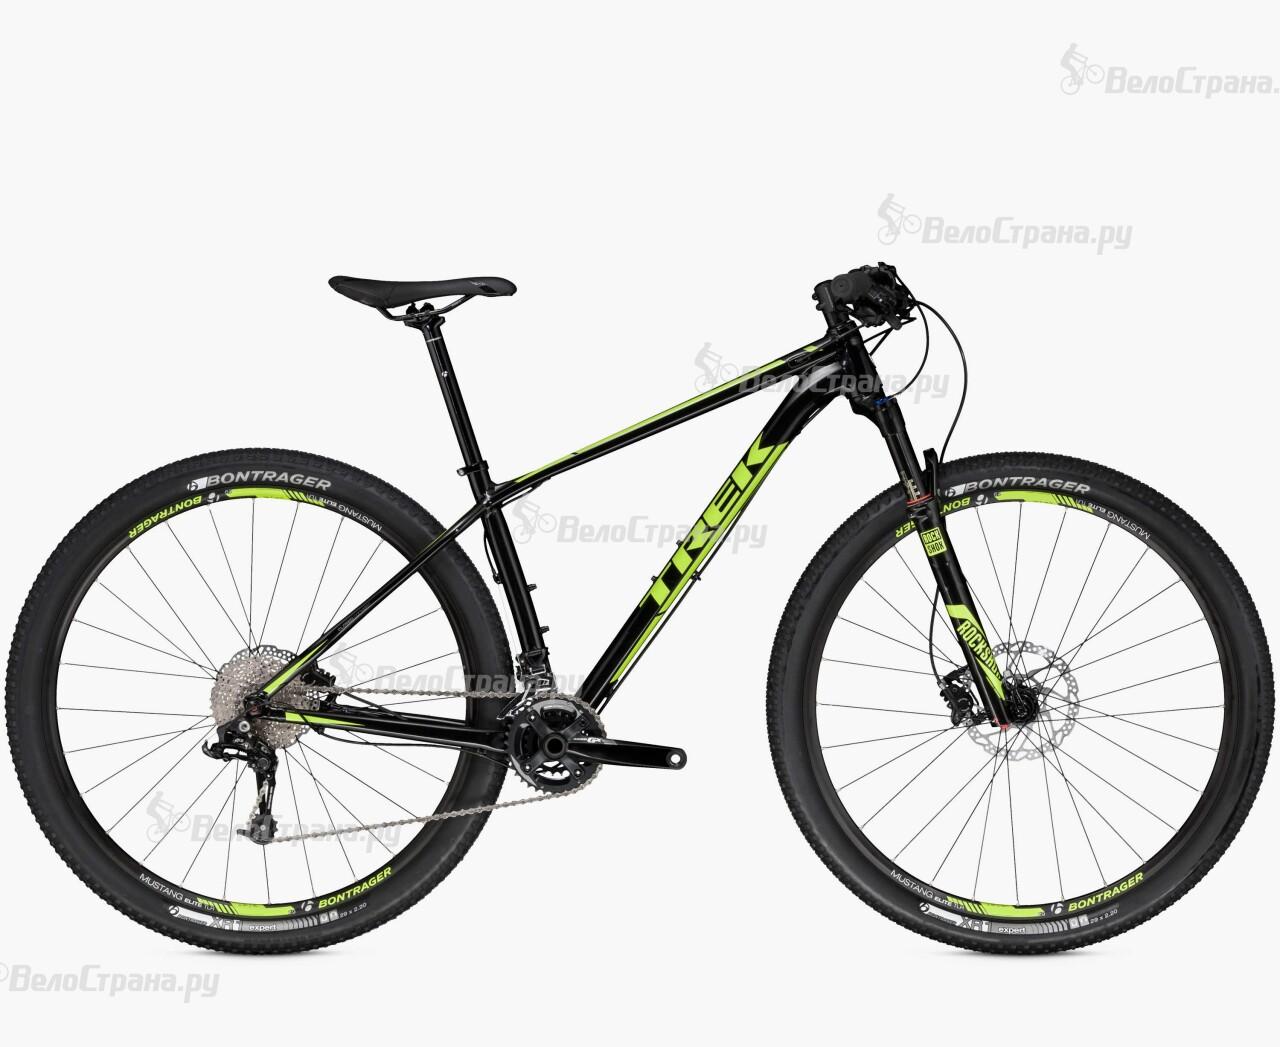 Велосипед Trek Superfly 6 29 (2016)